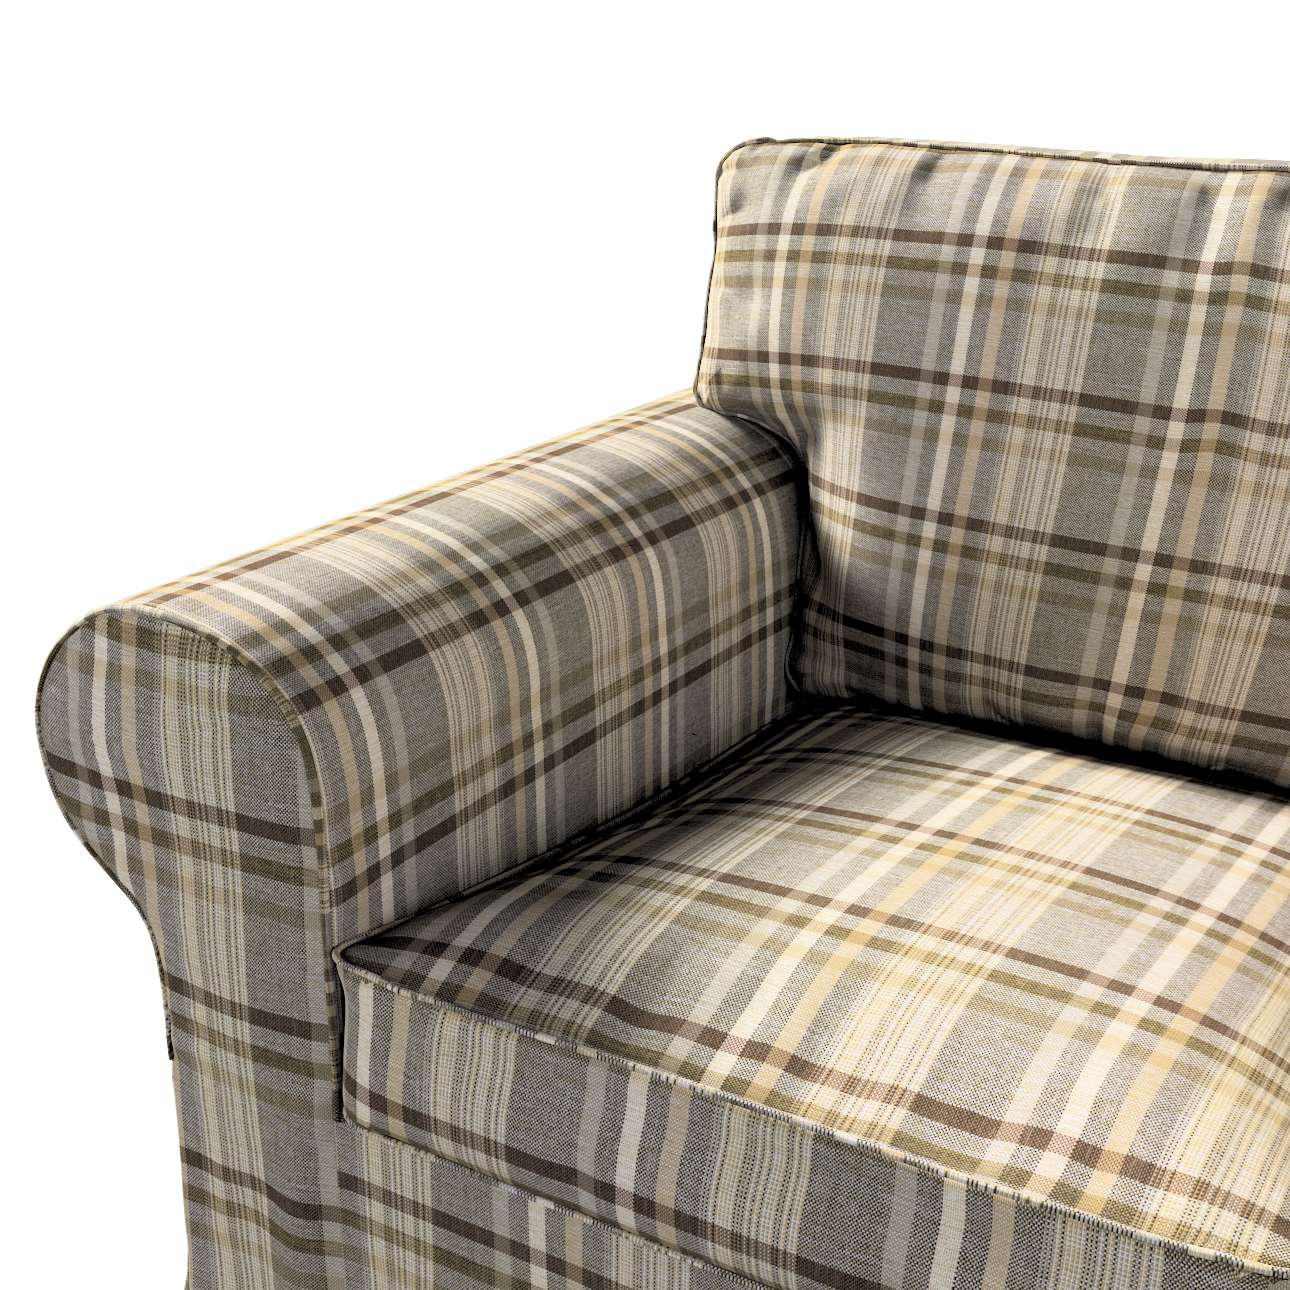 Pokrowiec na fotel Ektorp w kolekcji Edinburgh, tkanina: 703-17